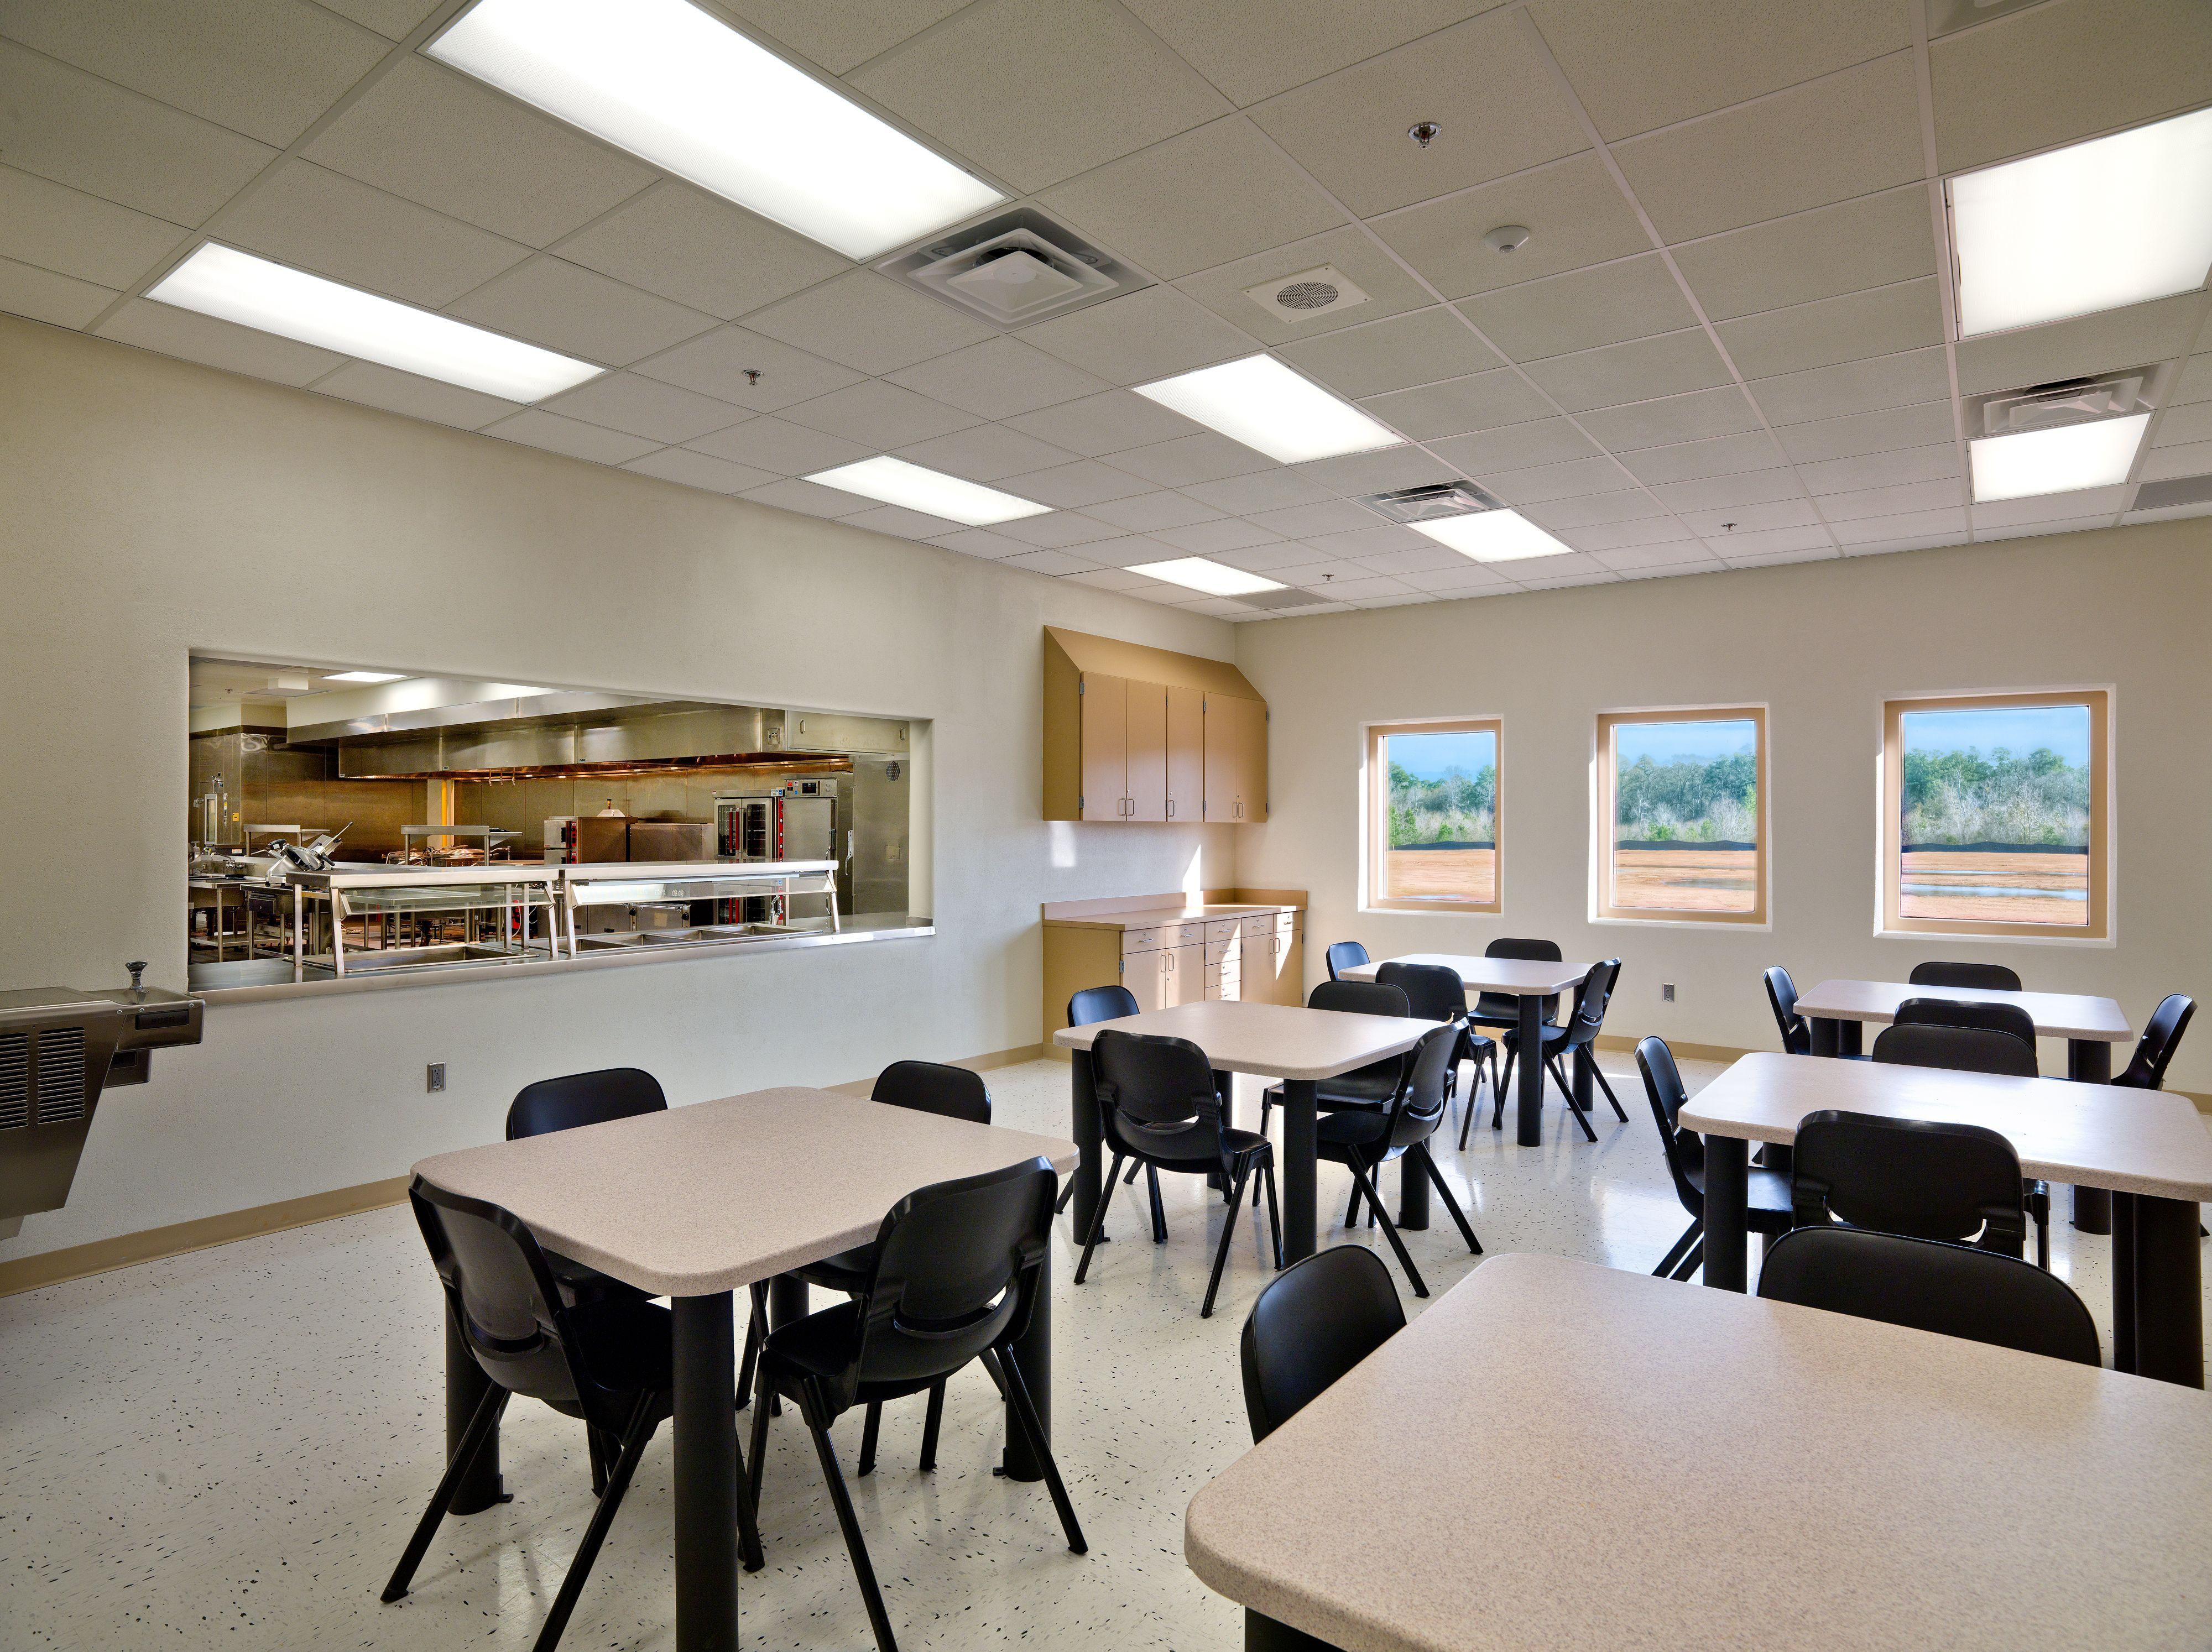 Montgomery County Mental Health Treatment Facility Mhf Activity